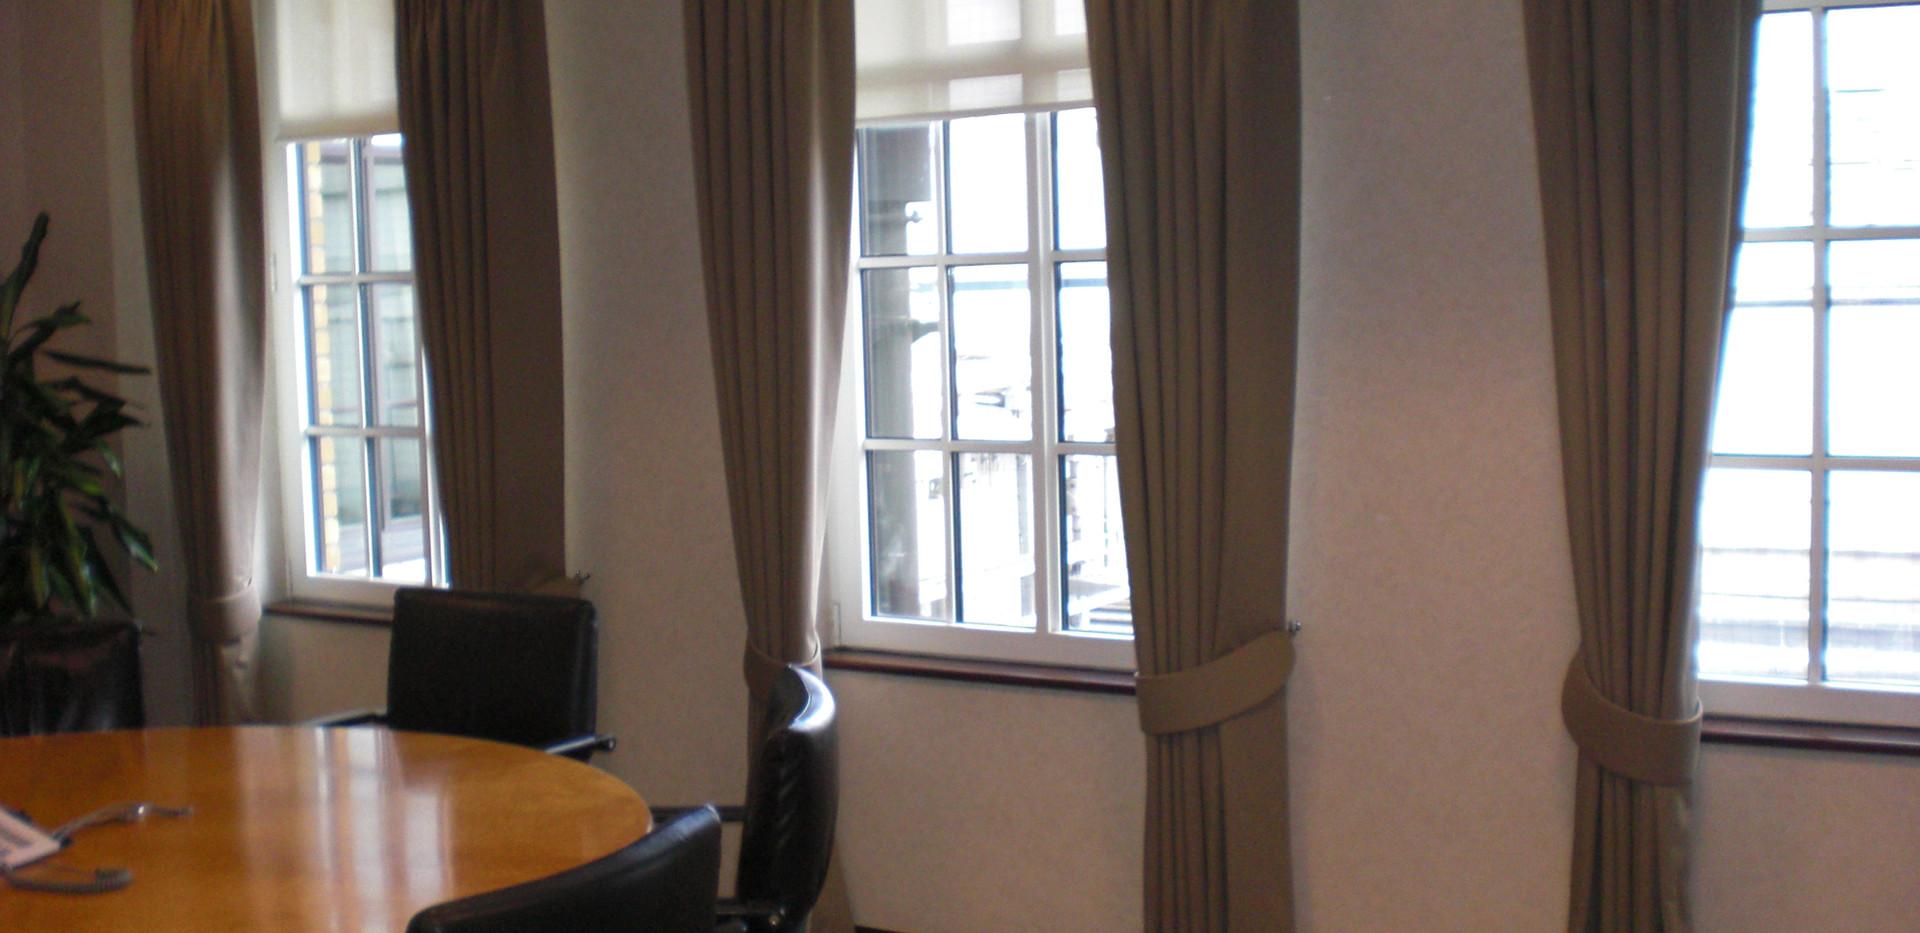 curtains 259 - Copy.jpg